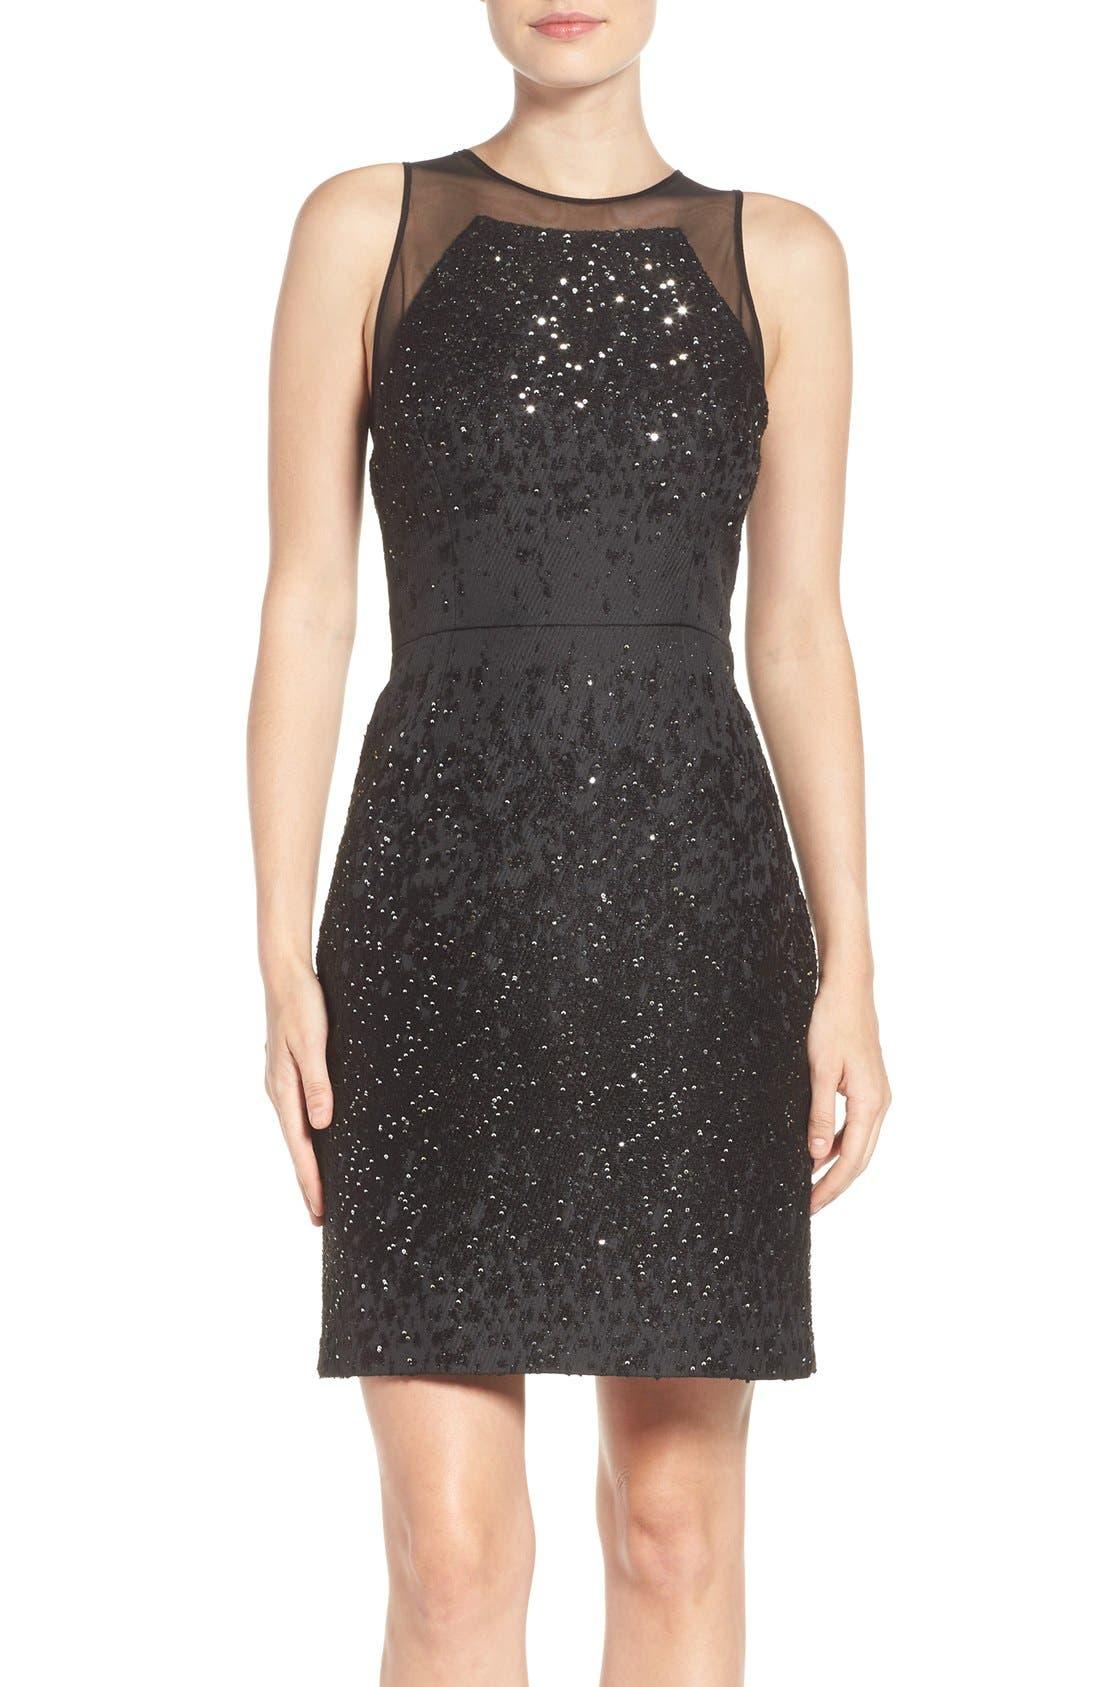 Alternate Image 1 Selected - Vera Wang Metallic Sheath Dress